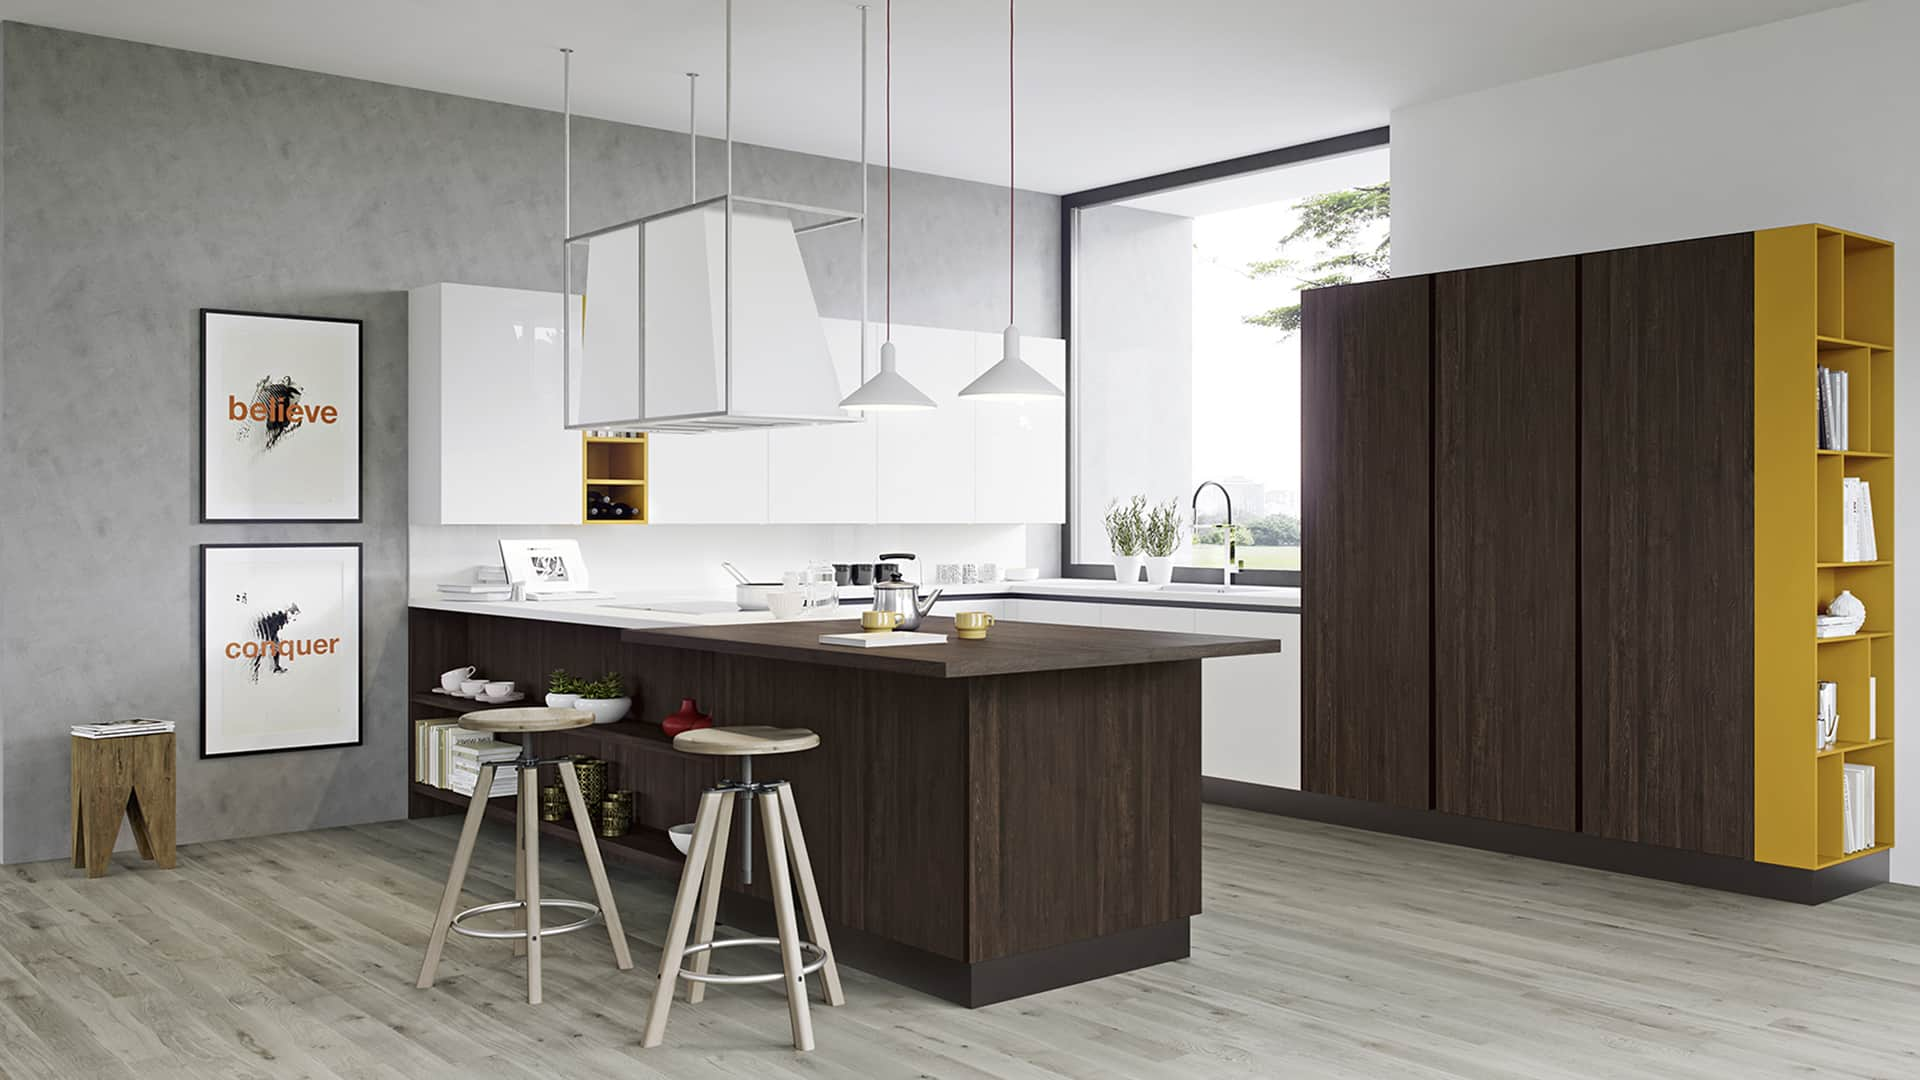 Tavoli e sedie da cucina moderni for Tavoli e sedie moderne da cucina